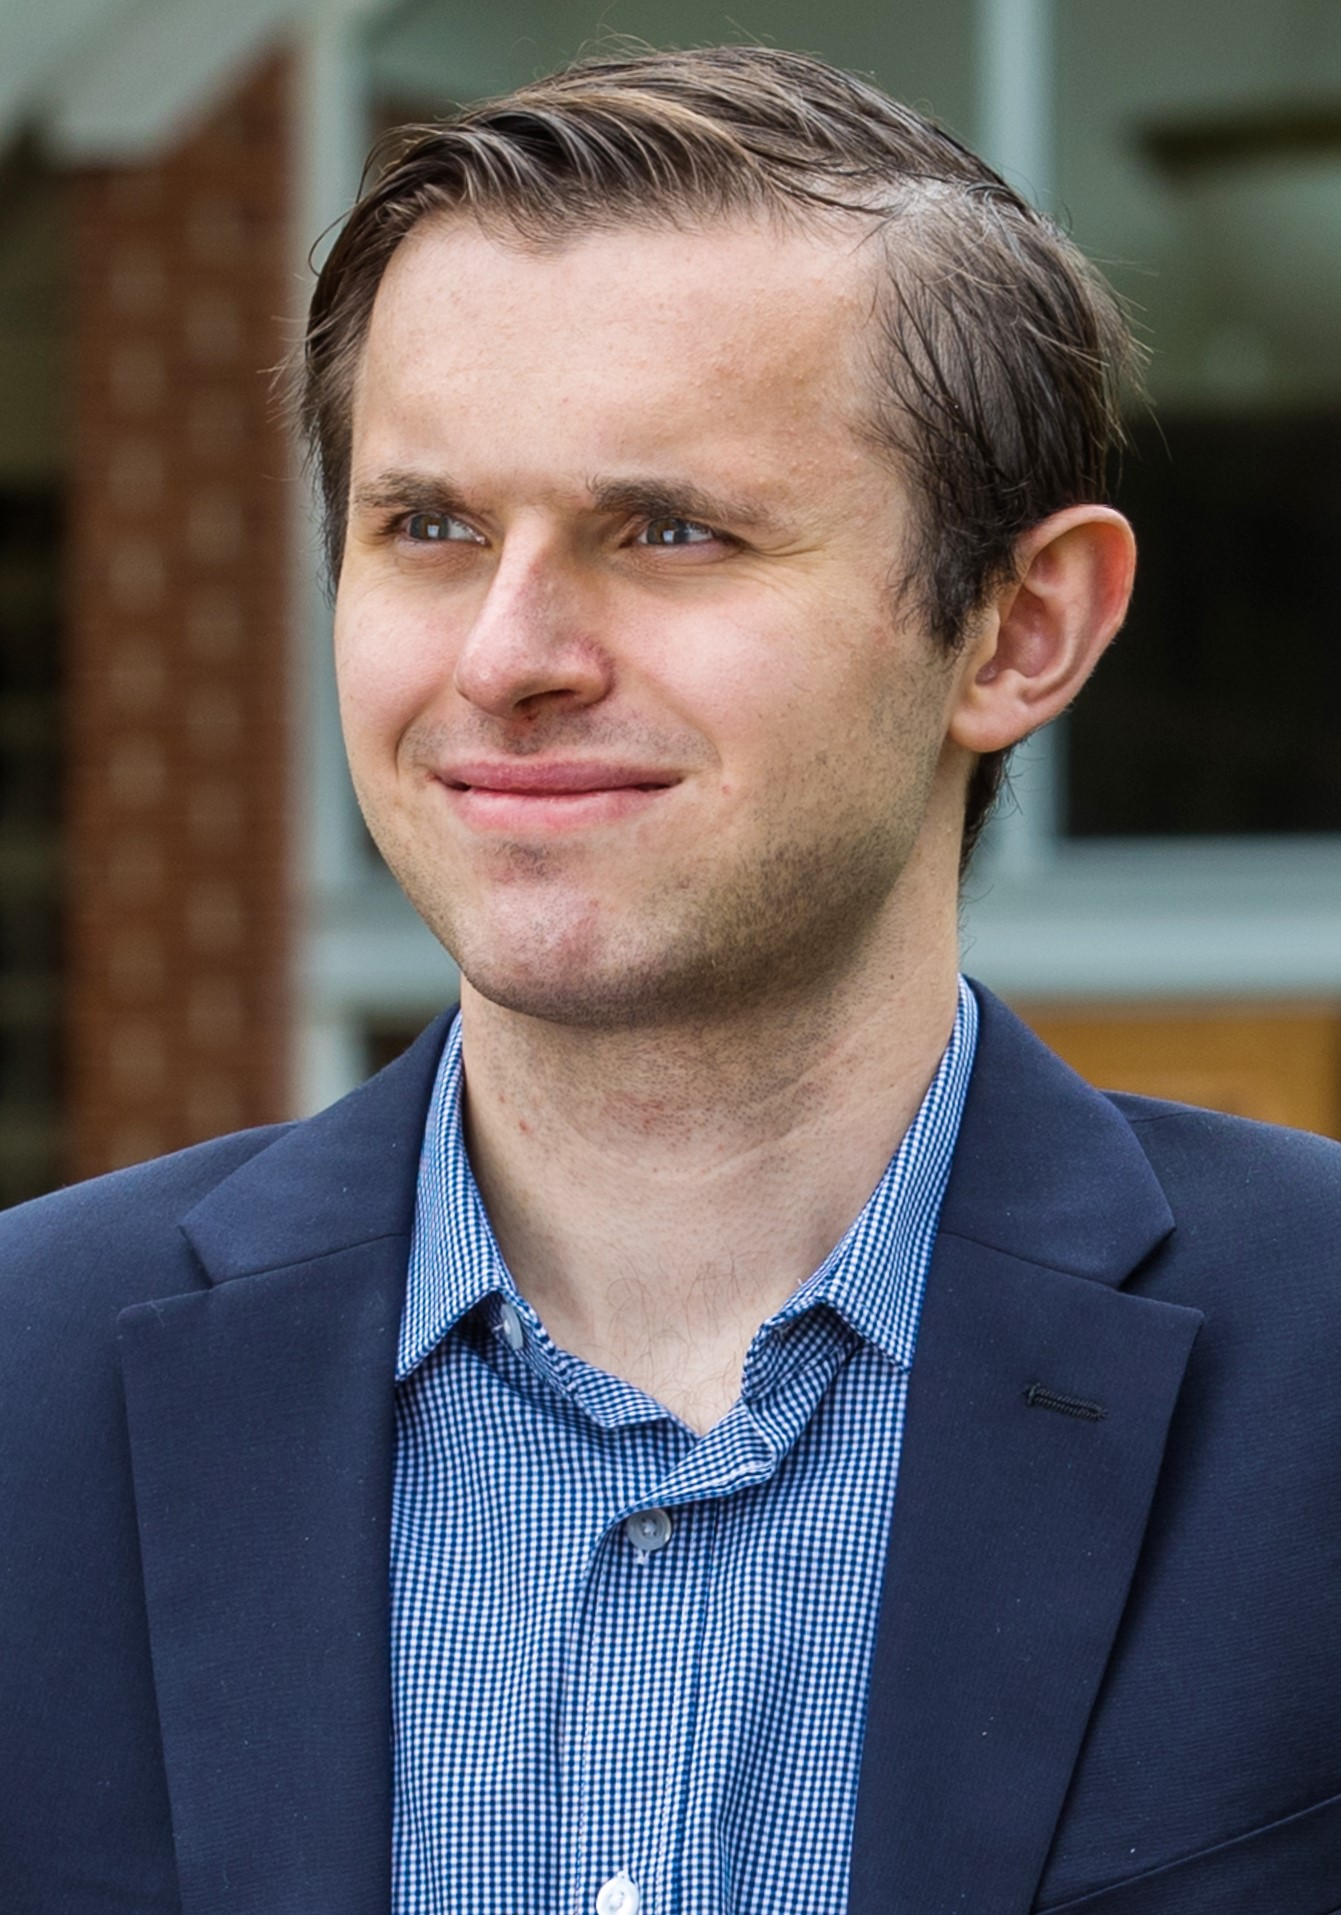 Nicholas Fichtner